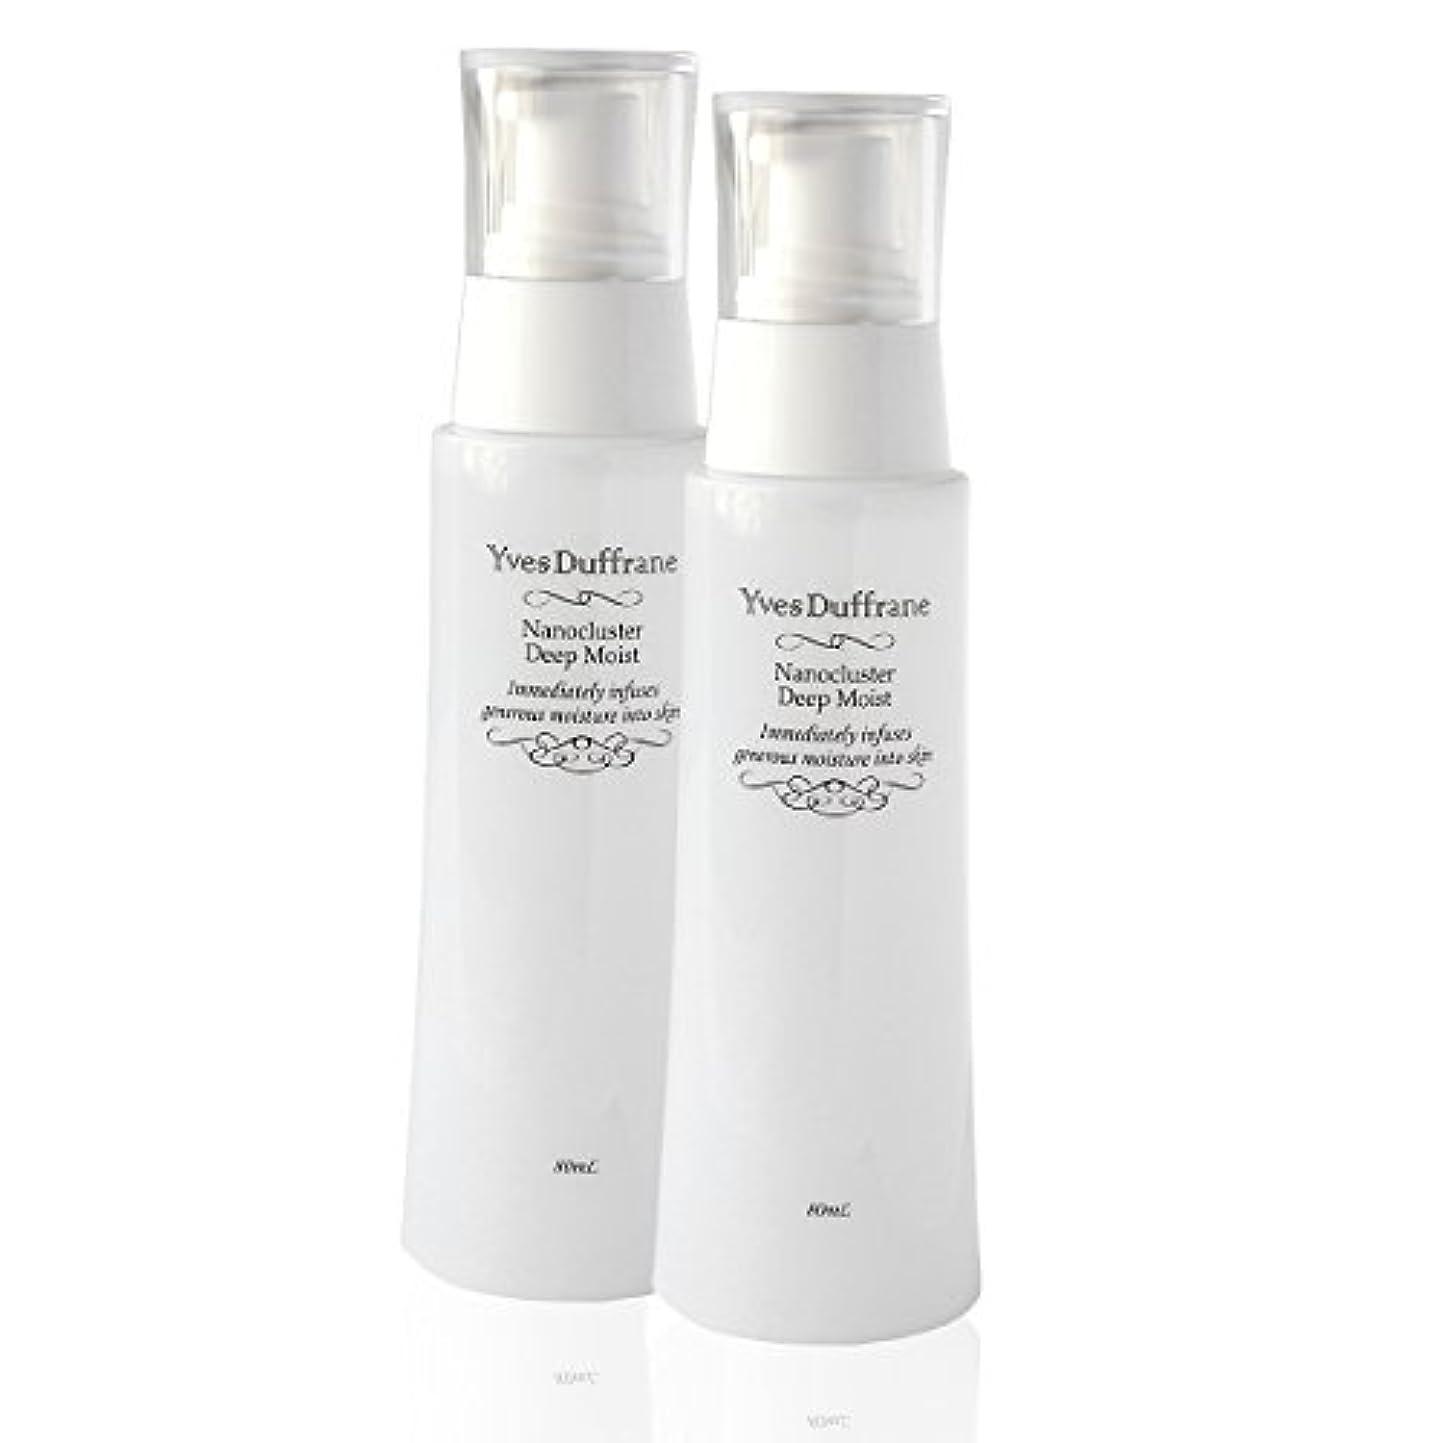 配偶者困った保険化粧水 ( ナノ化粧水 2点セット)ナノ化 スクワラン 乾燥 毛穴 敏感肌 高保湿 高浸透 高品質 メンズ OK